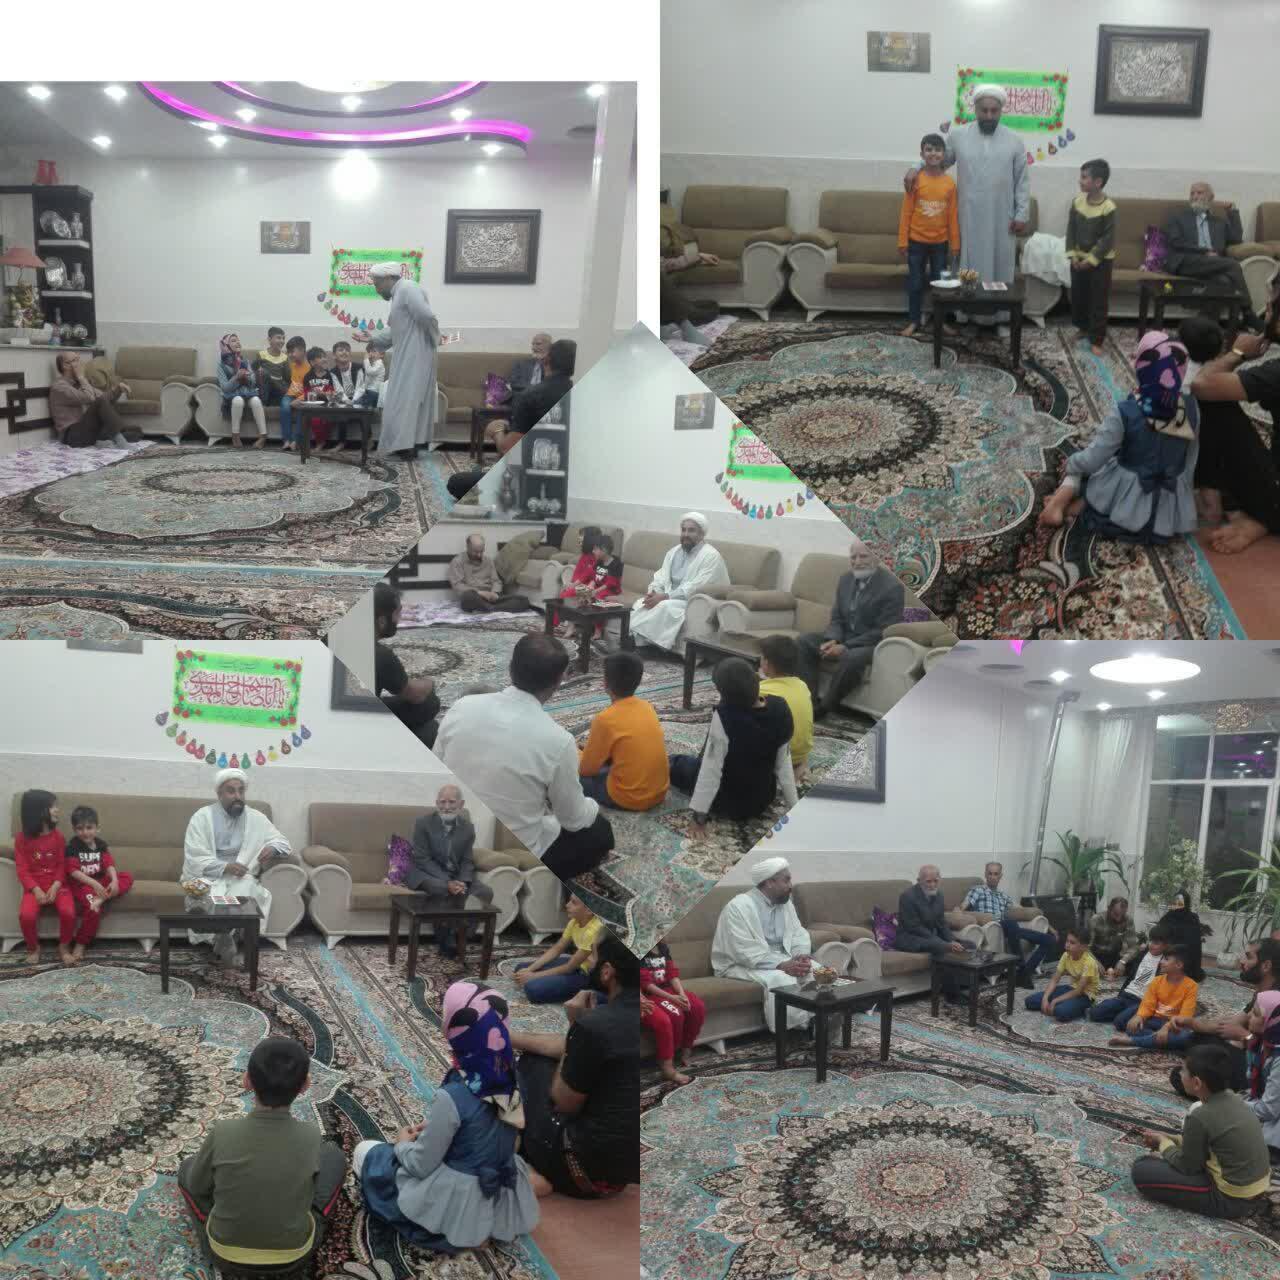 اجرای ۳۱۳ جشن خانگی نیمه شعبان در نجف آباد+تصاویر اجرای ۳۱۳ جشن خانگی نیمه شعبان در نجف آباد+تصاویر اجرای ۳۱۳ جشن خانگی نیمه شعبان در نجف آباد+تصاویر photo